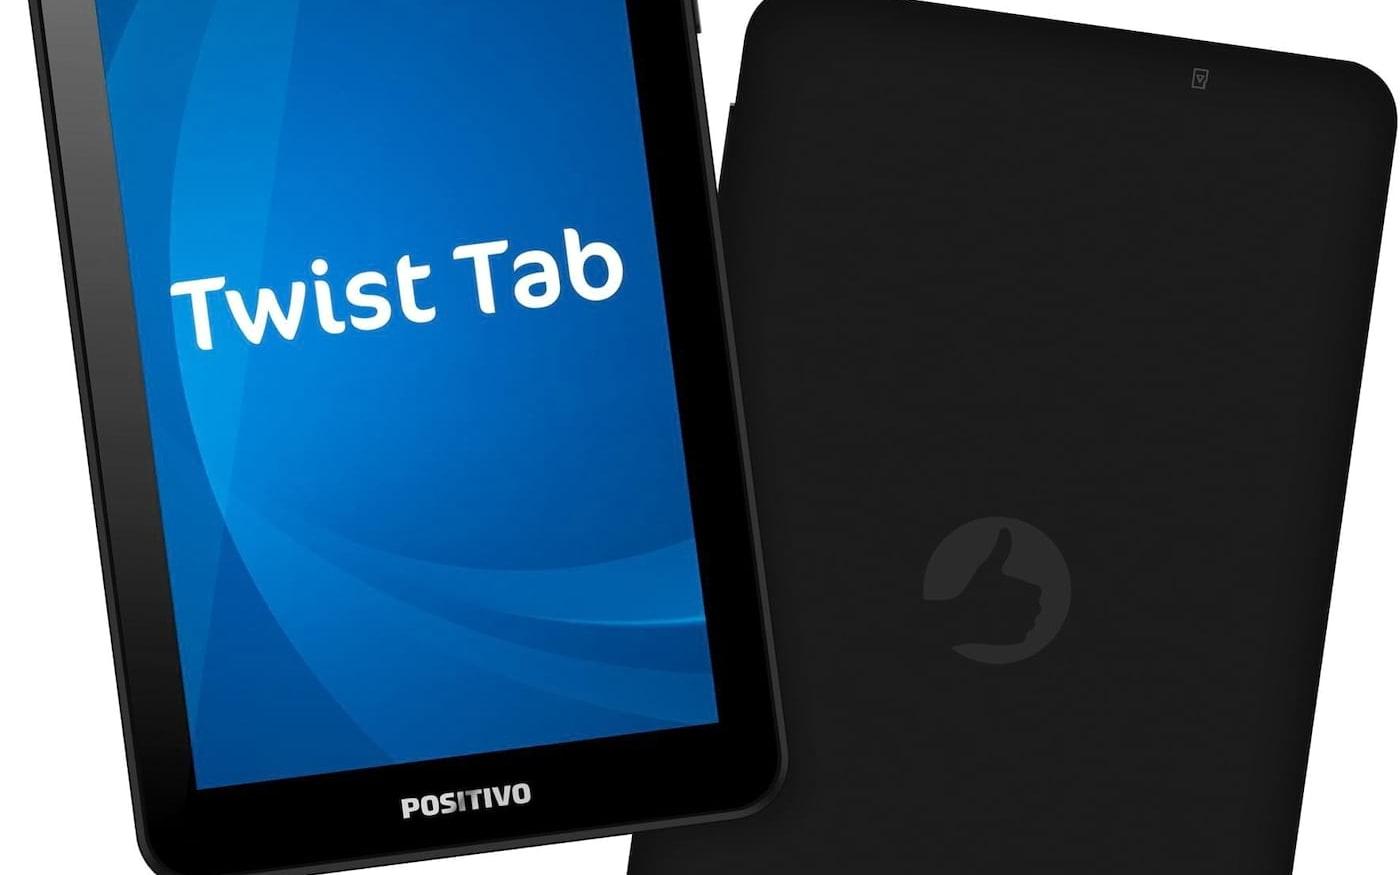 Positivo lança Twist Tab e Twist Tab Kids